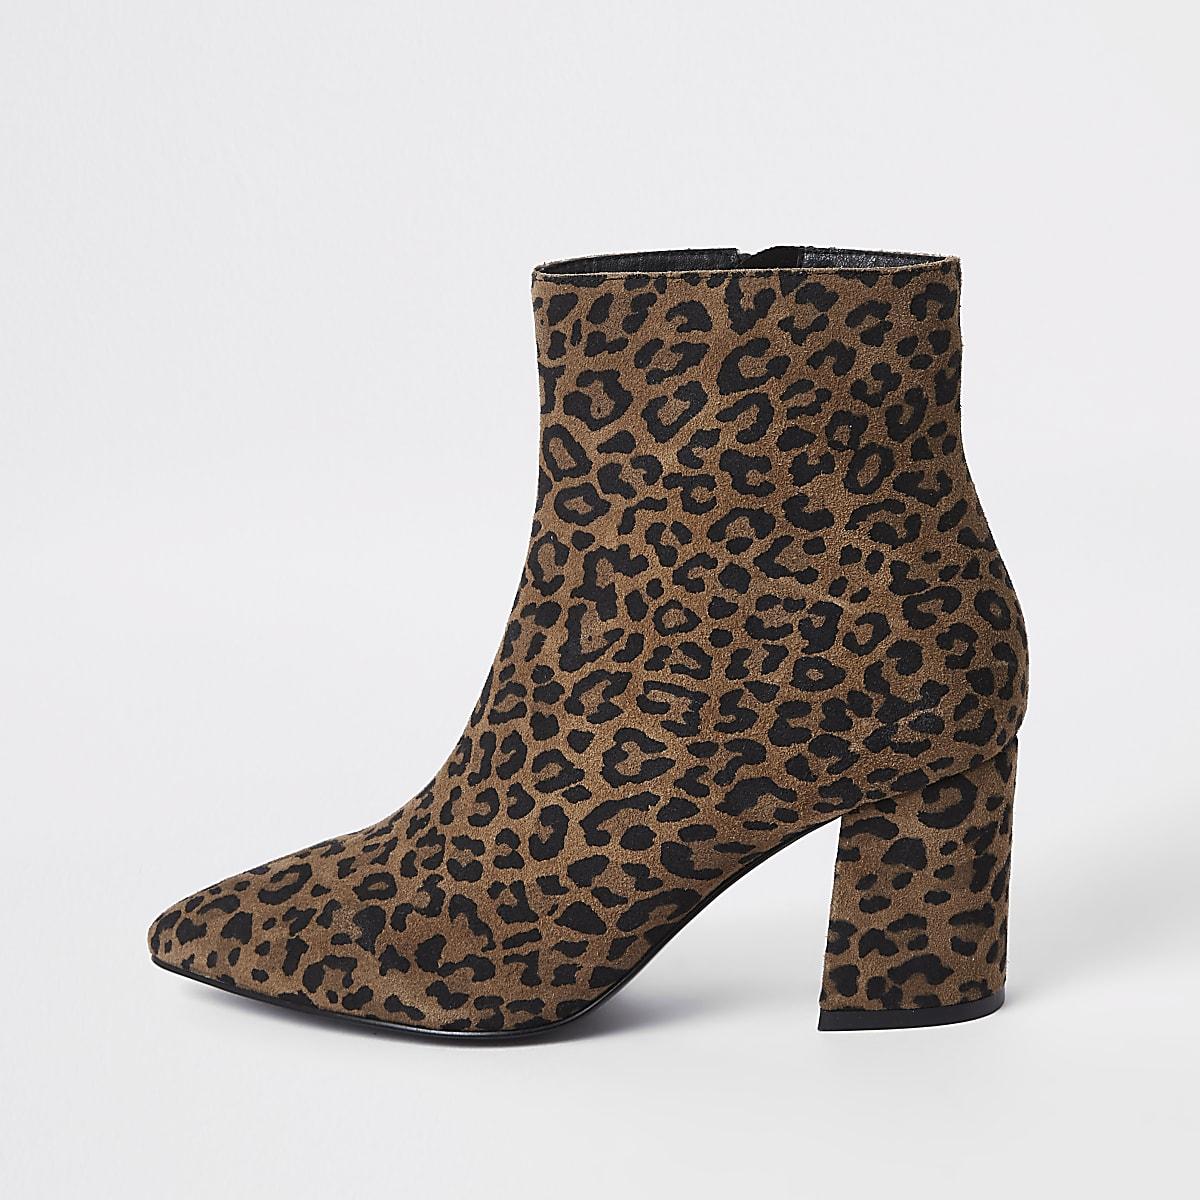 22c747d895 Brown leopard print ankle boots - Boots - Shoes & Boots - women